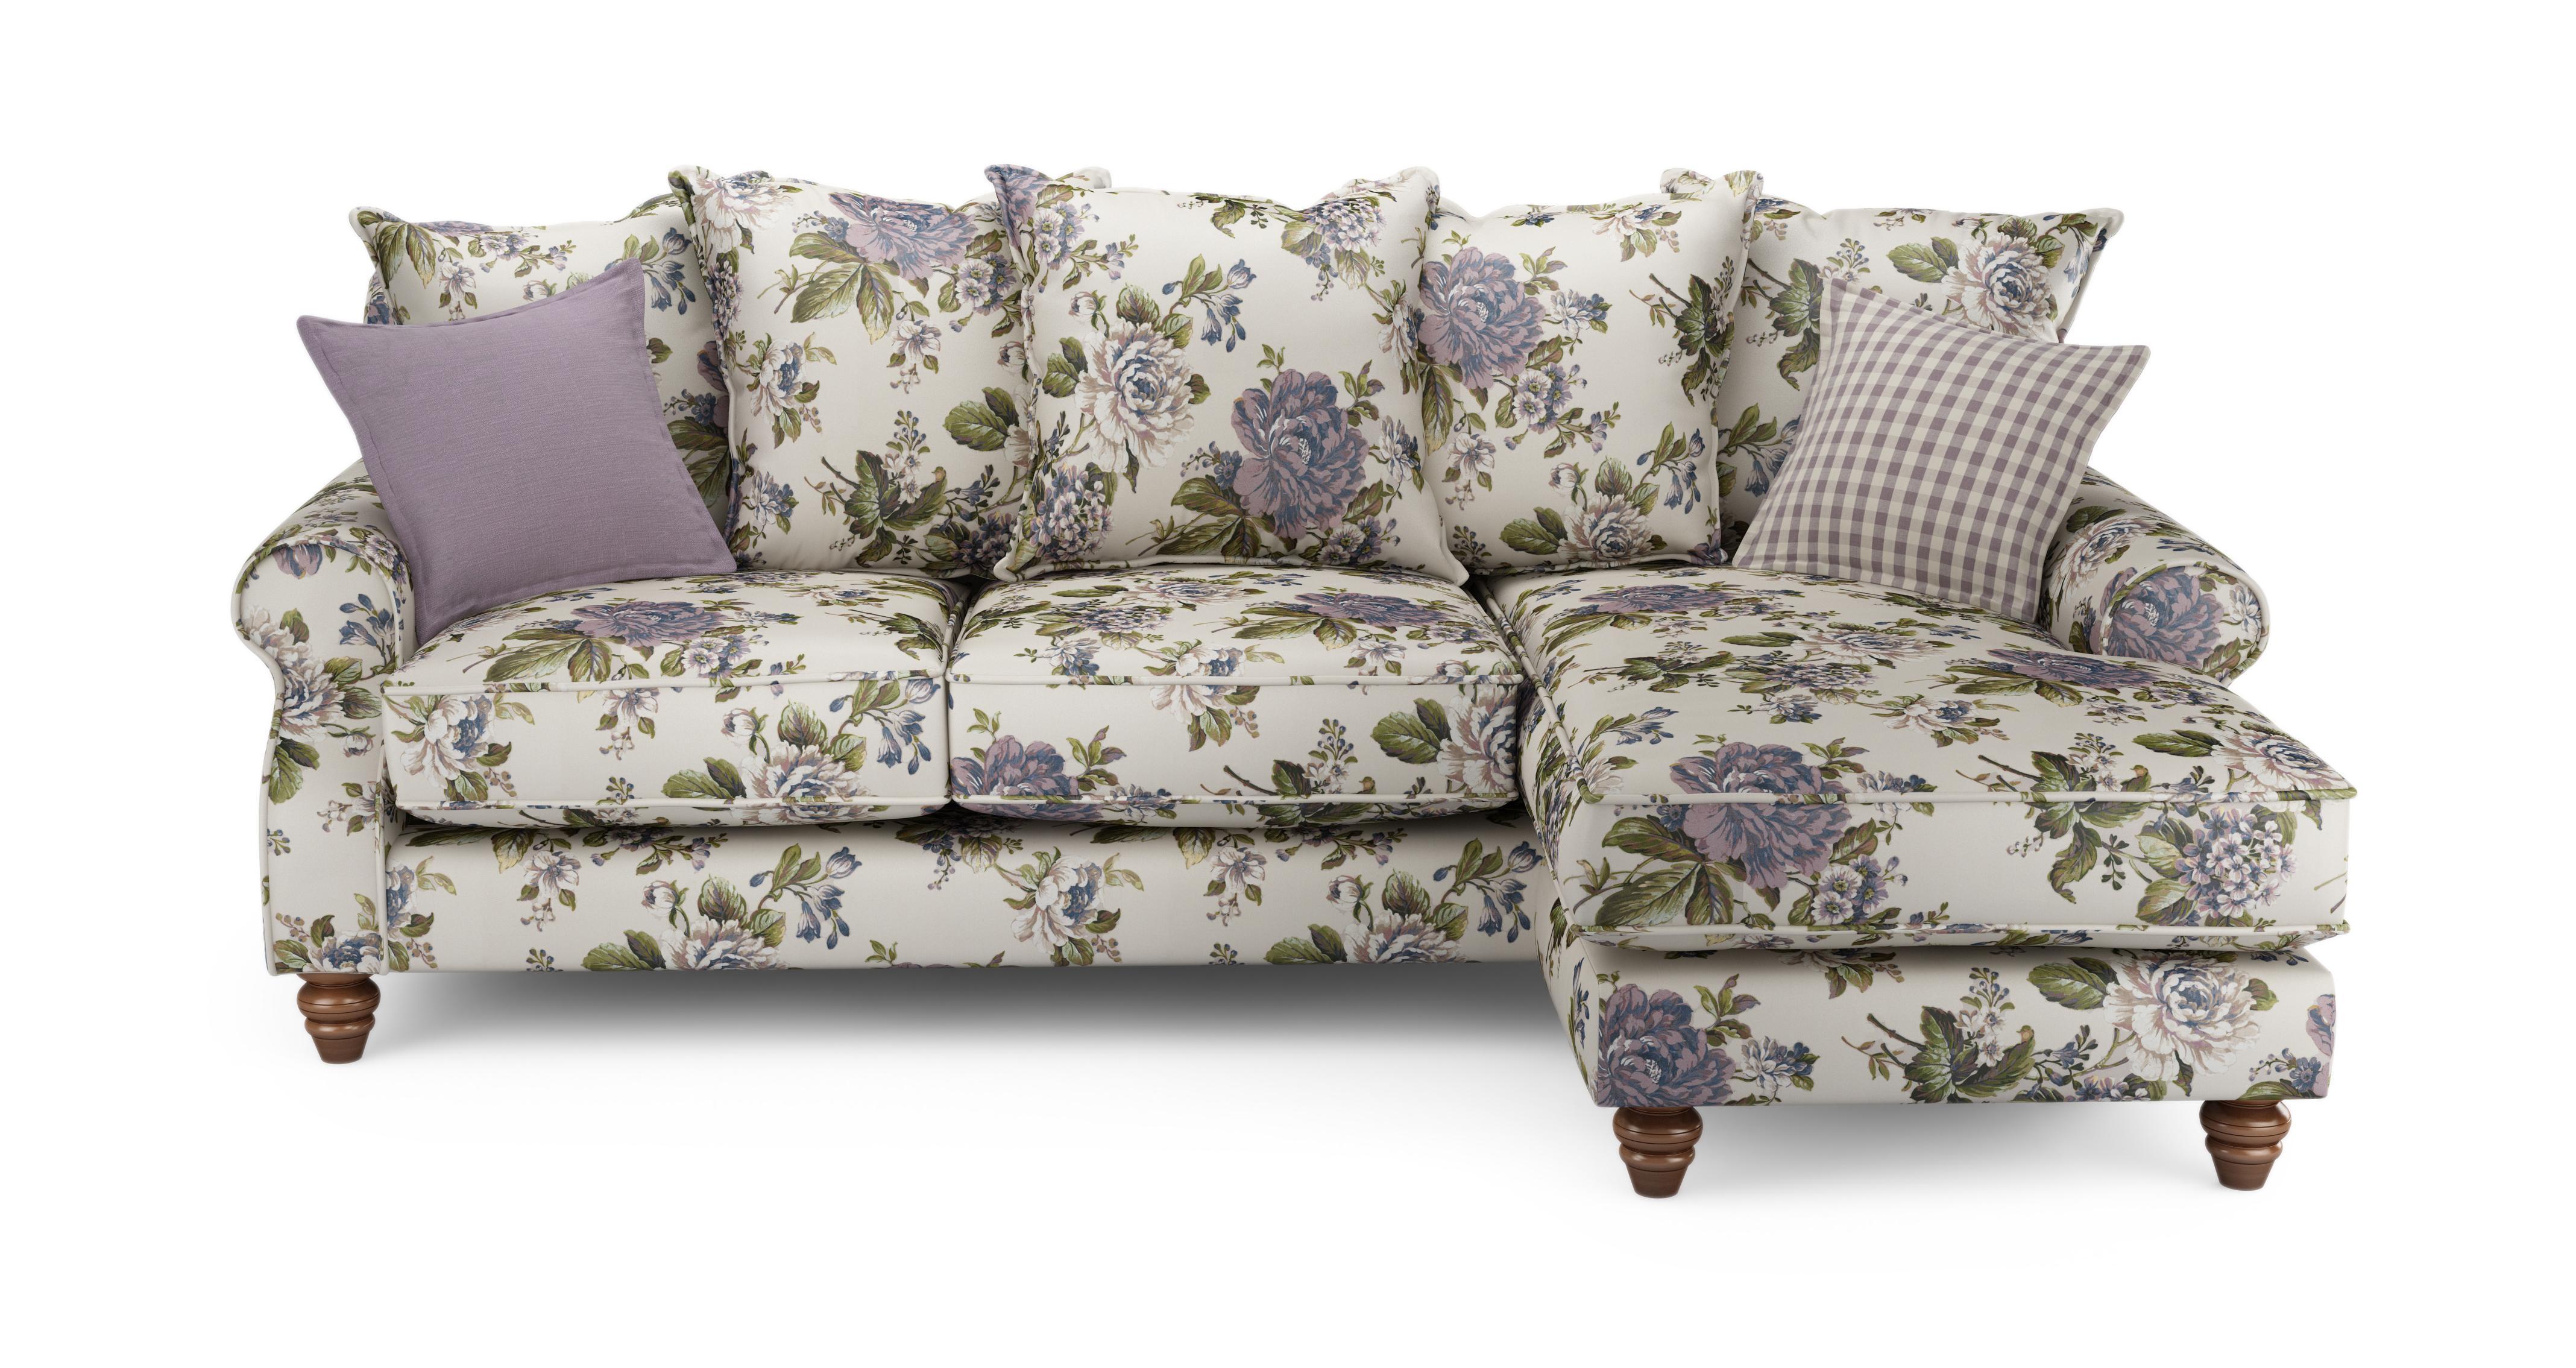 Floral Sofa ellie floral 4 seater sofa ellie floral | dfs